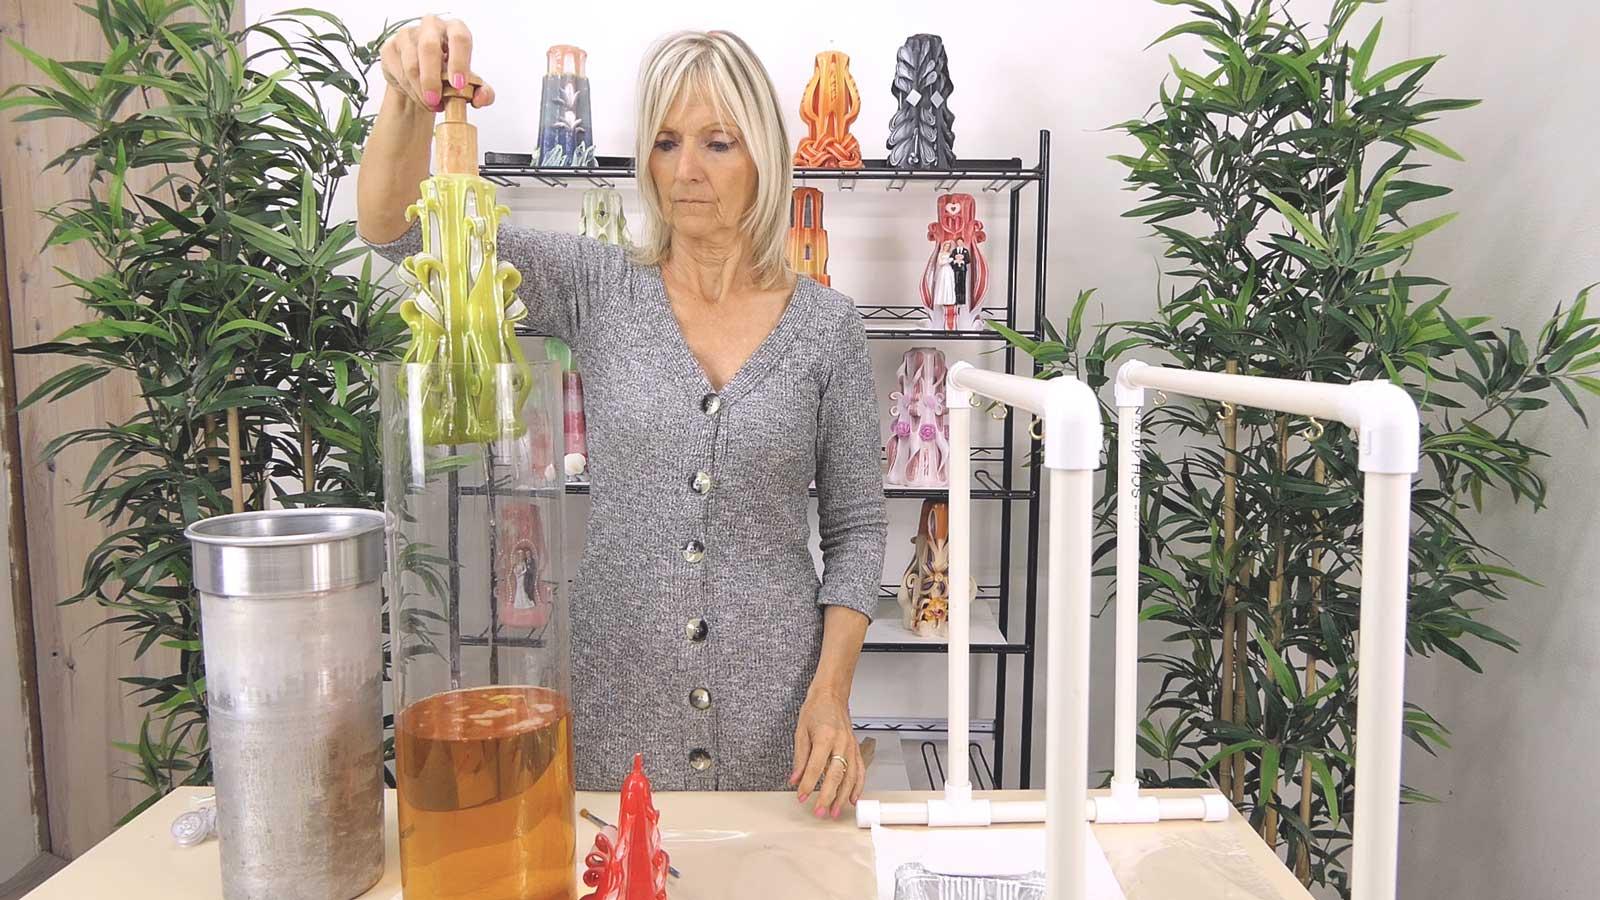 Comment donner une finition brillante à vos bougies sculptées ?